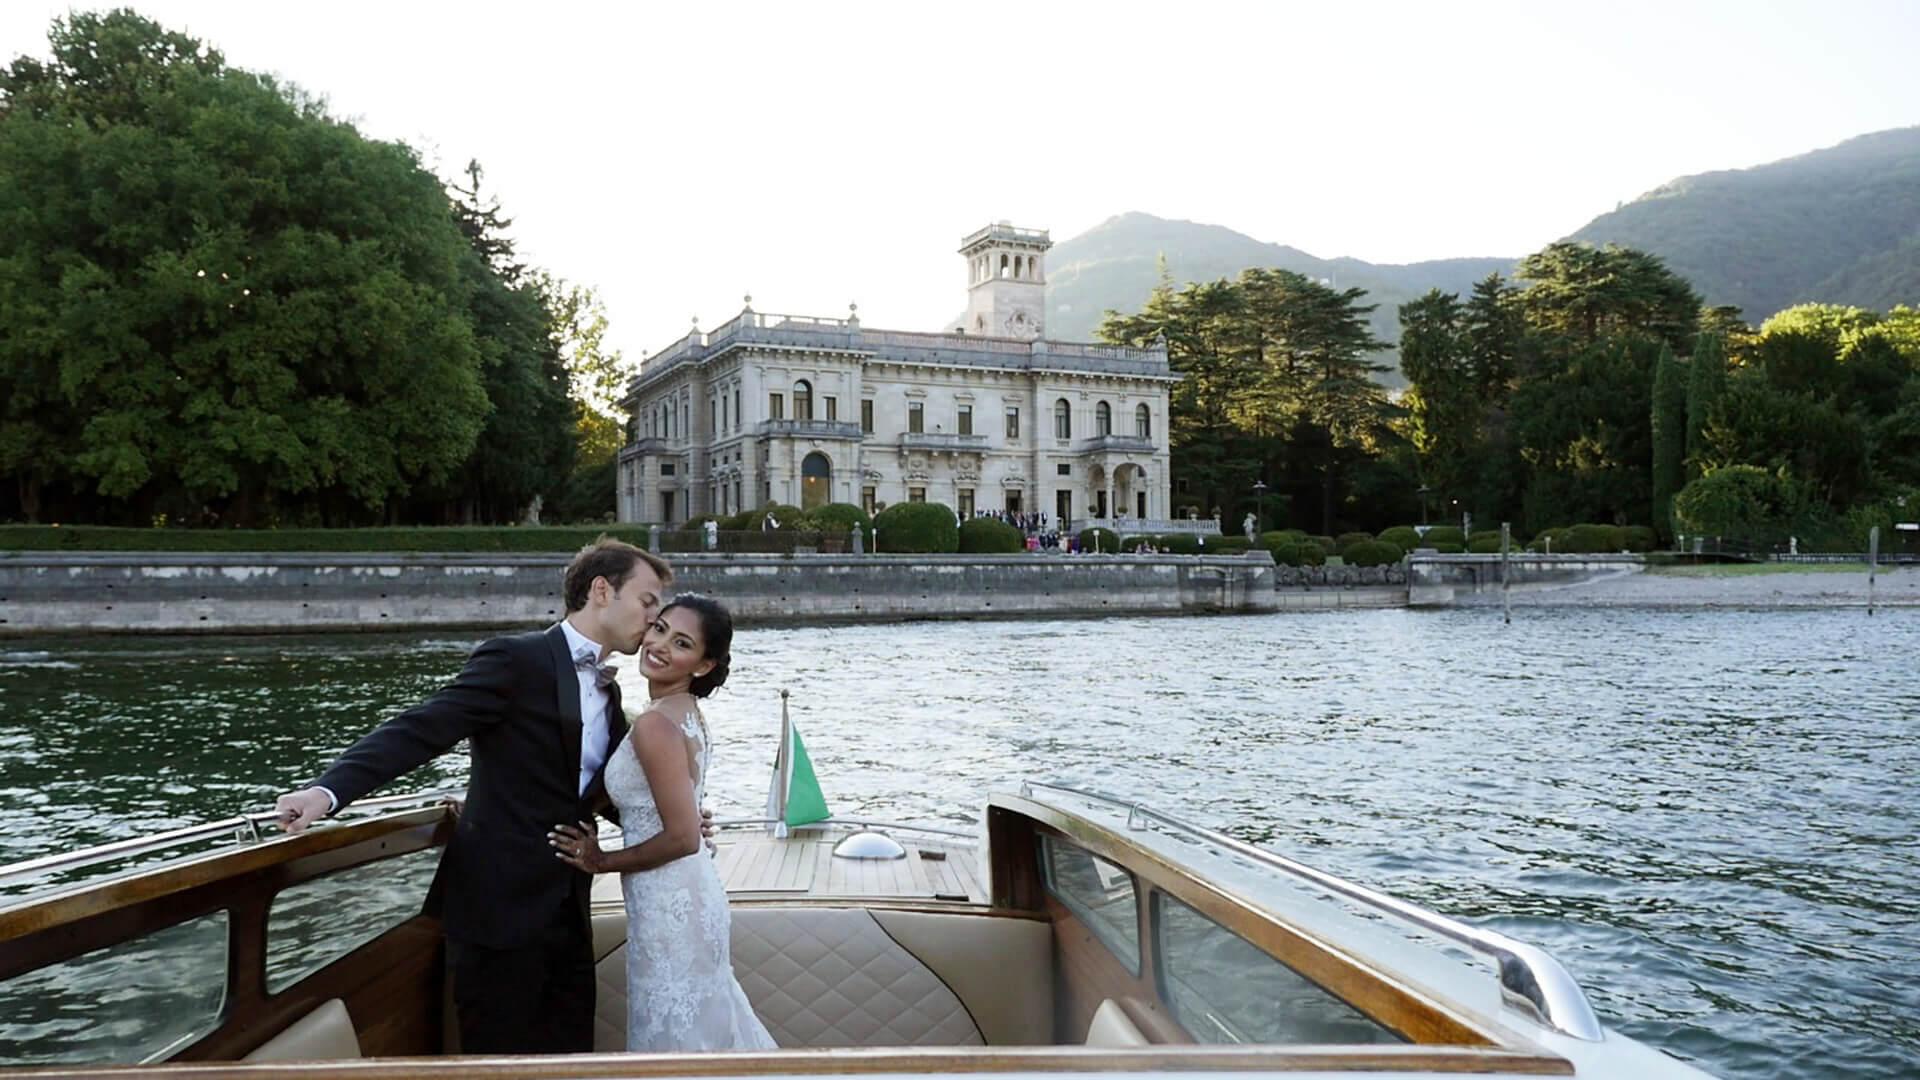 video-di-matrimonio-sposa-sposo-villa-erba-lago-di-como.jpg